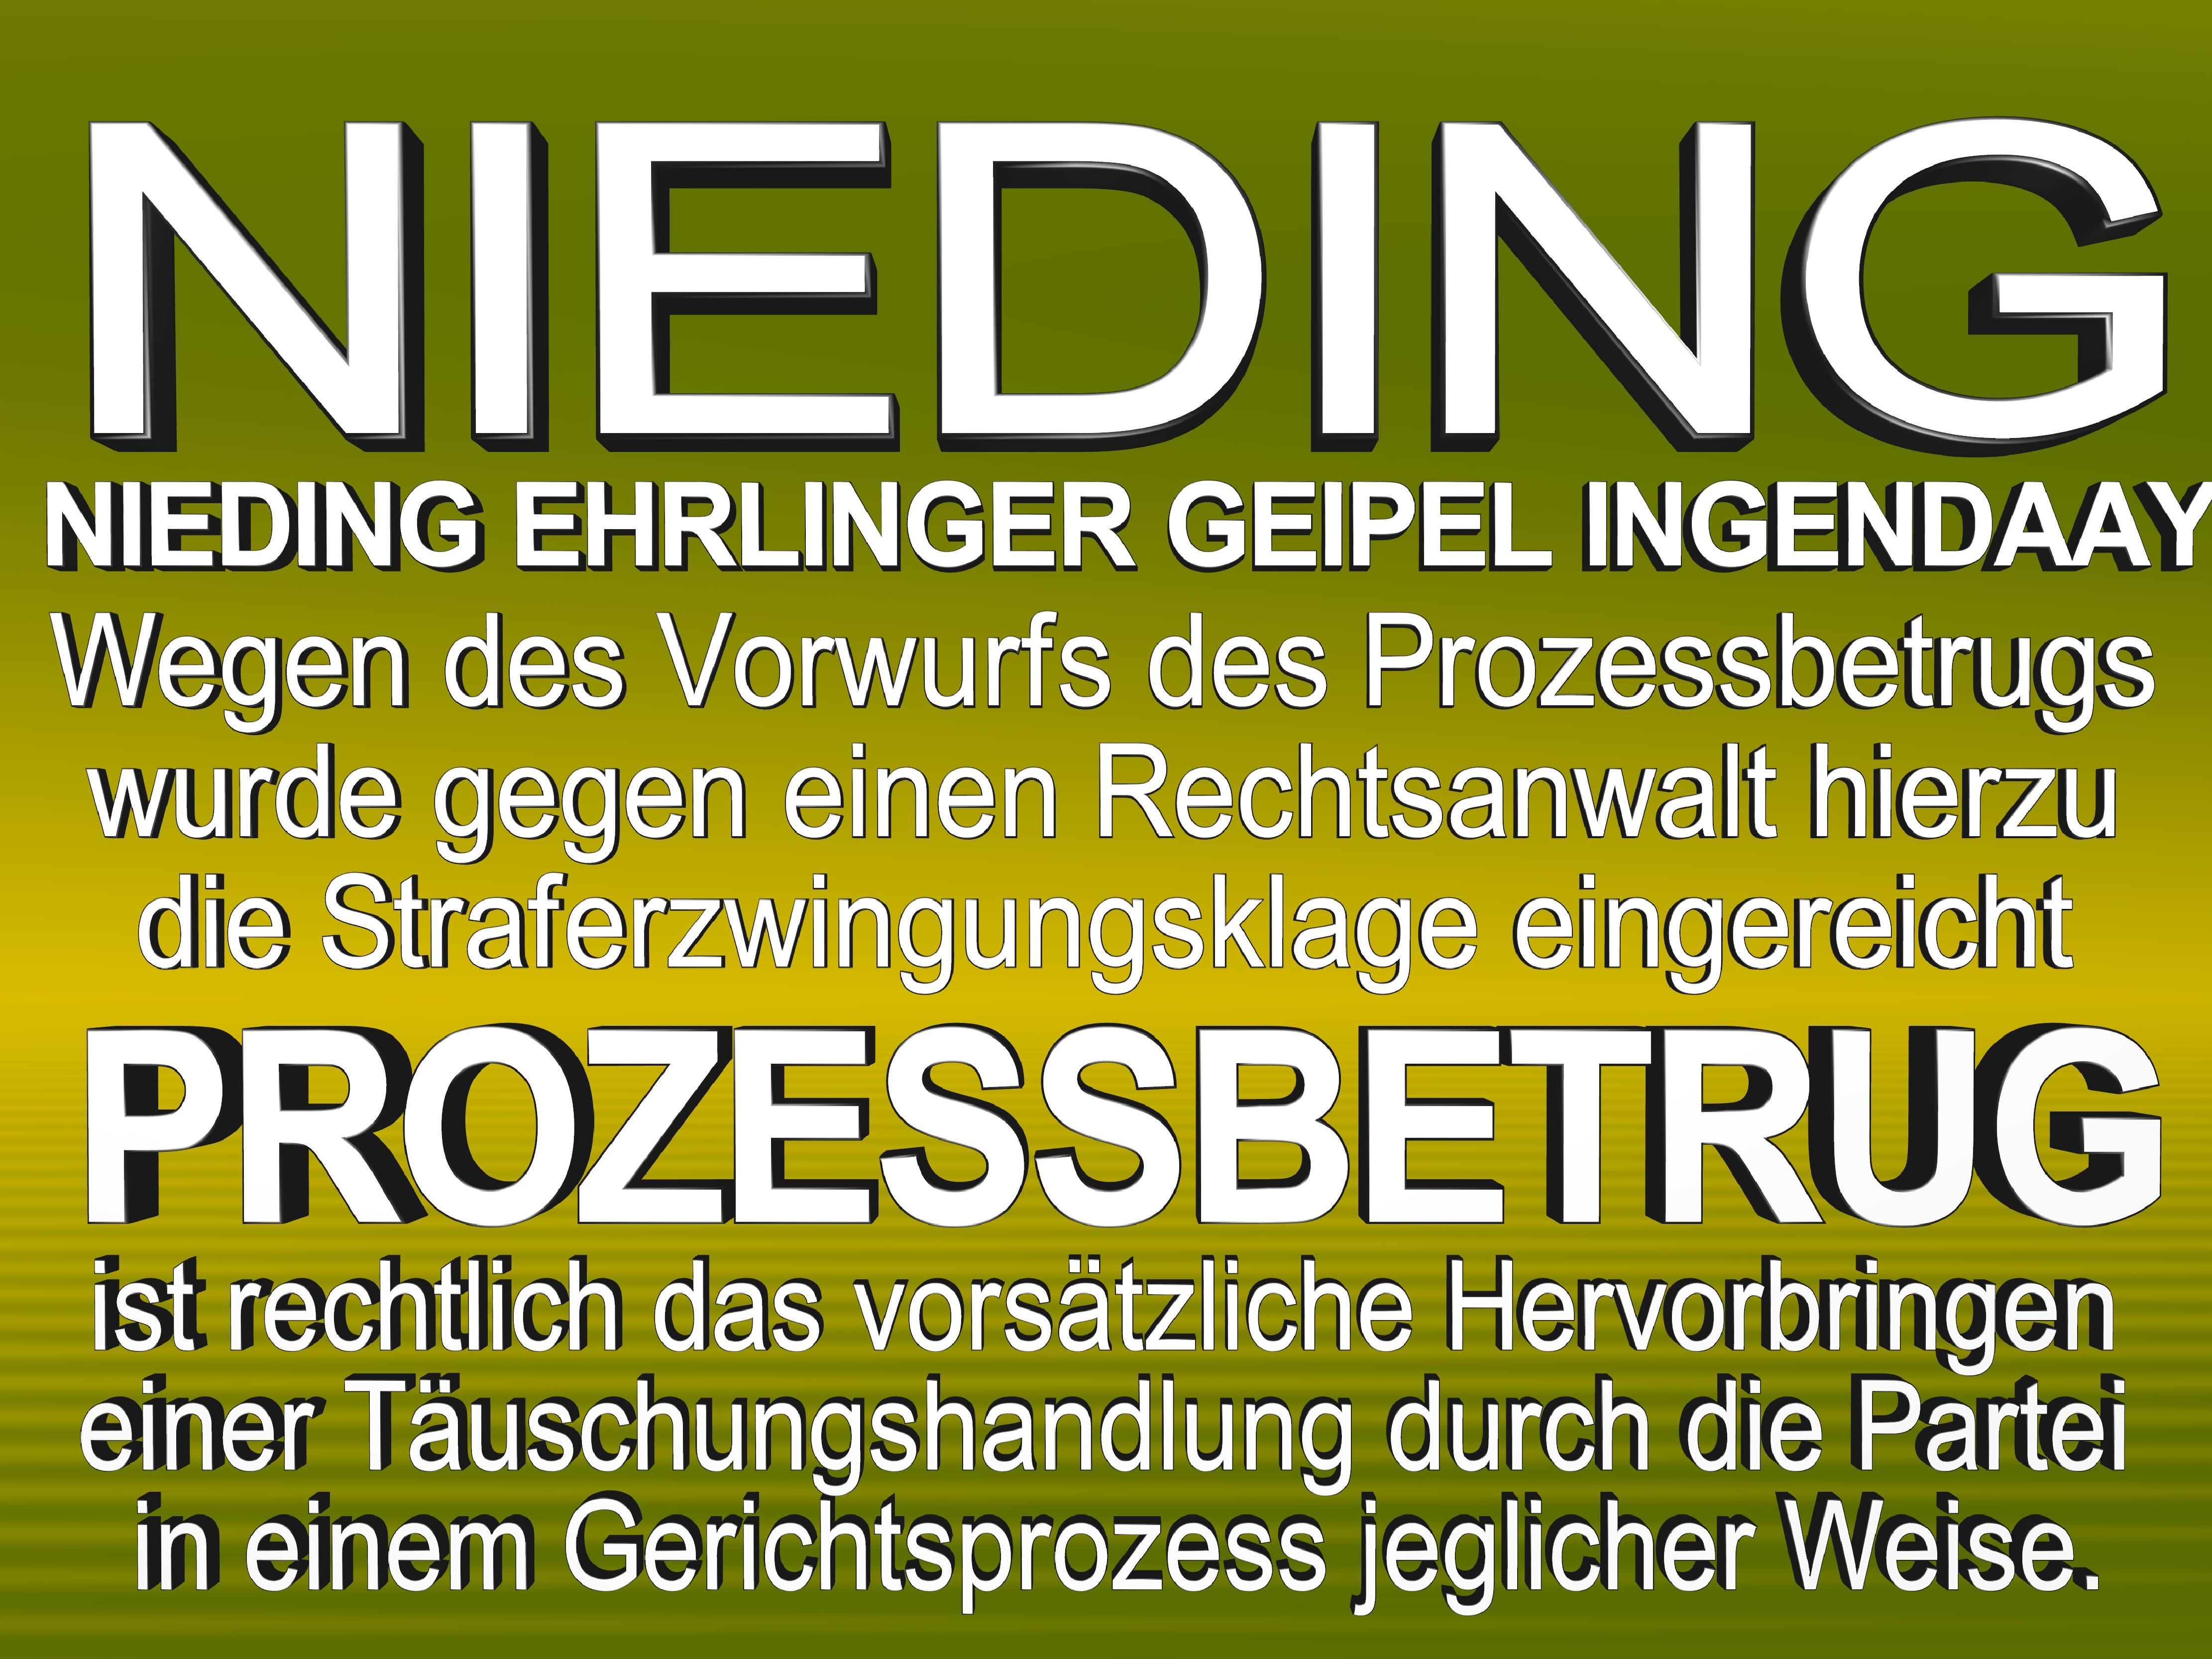 NIEDING EHRLINGER GEIPEL INGENDAAY LELKE Kurfürstendamm 66 Berlin (93)